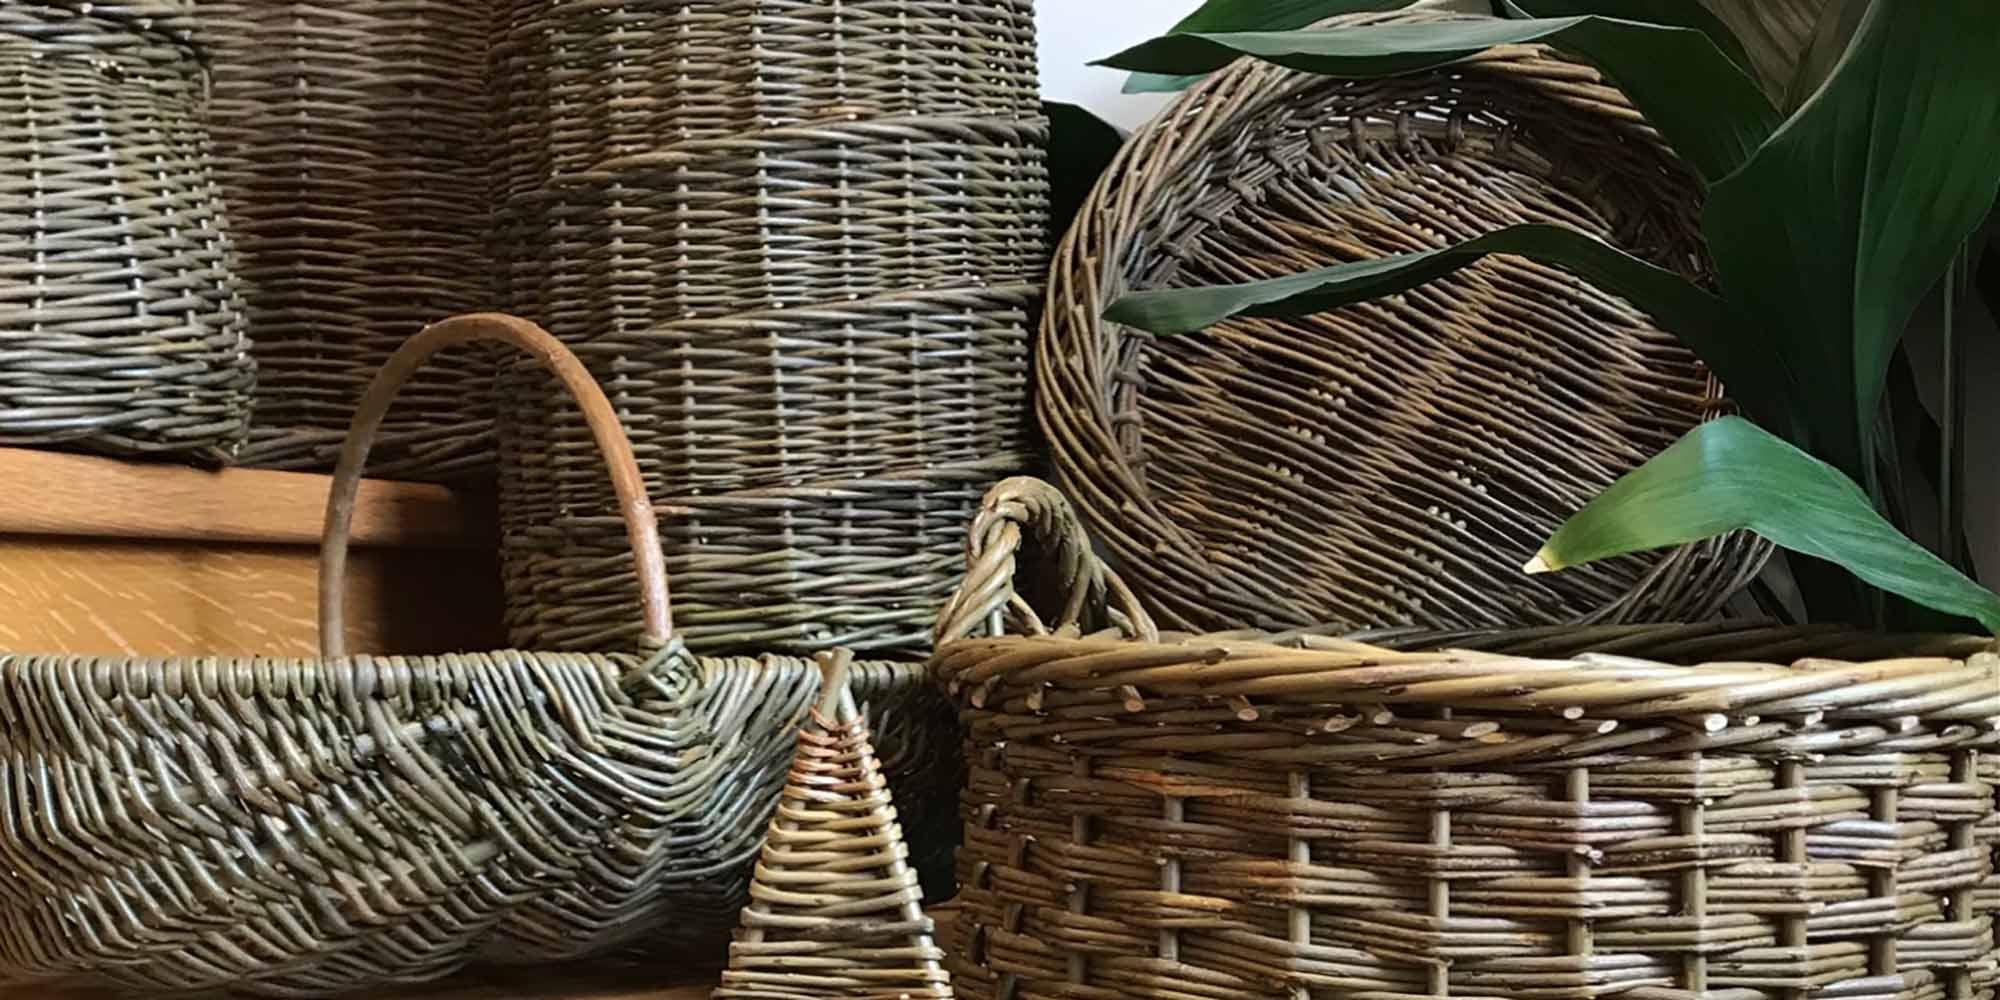 Seafield Baskets